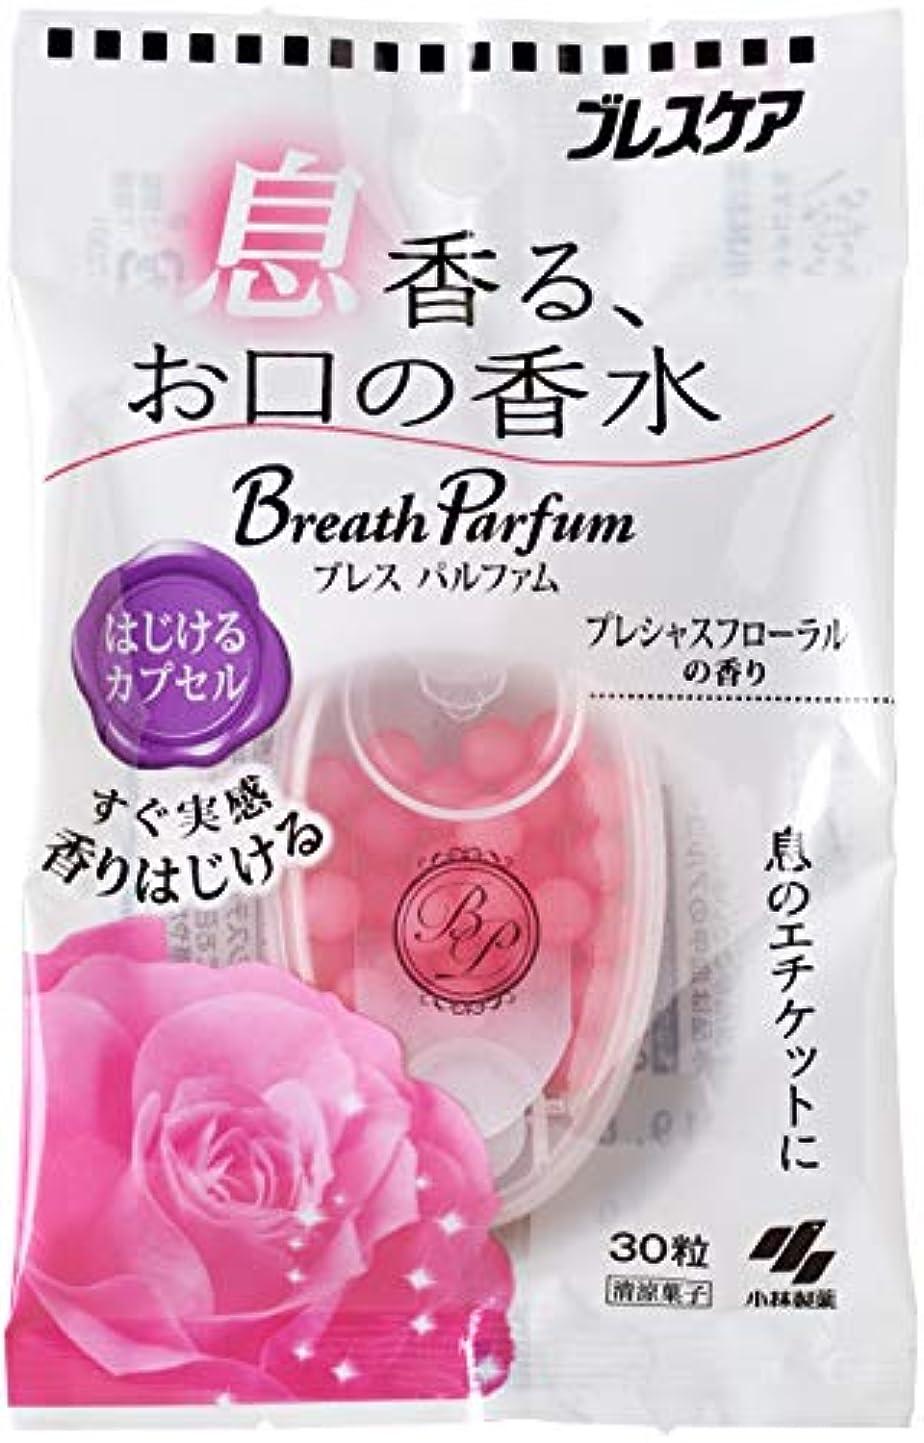 シンポジウムめまい粗いブレスケア ブレスパルファム はじけるカプセルプレシャスフローラルの香り 30粒